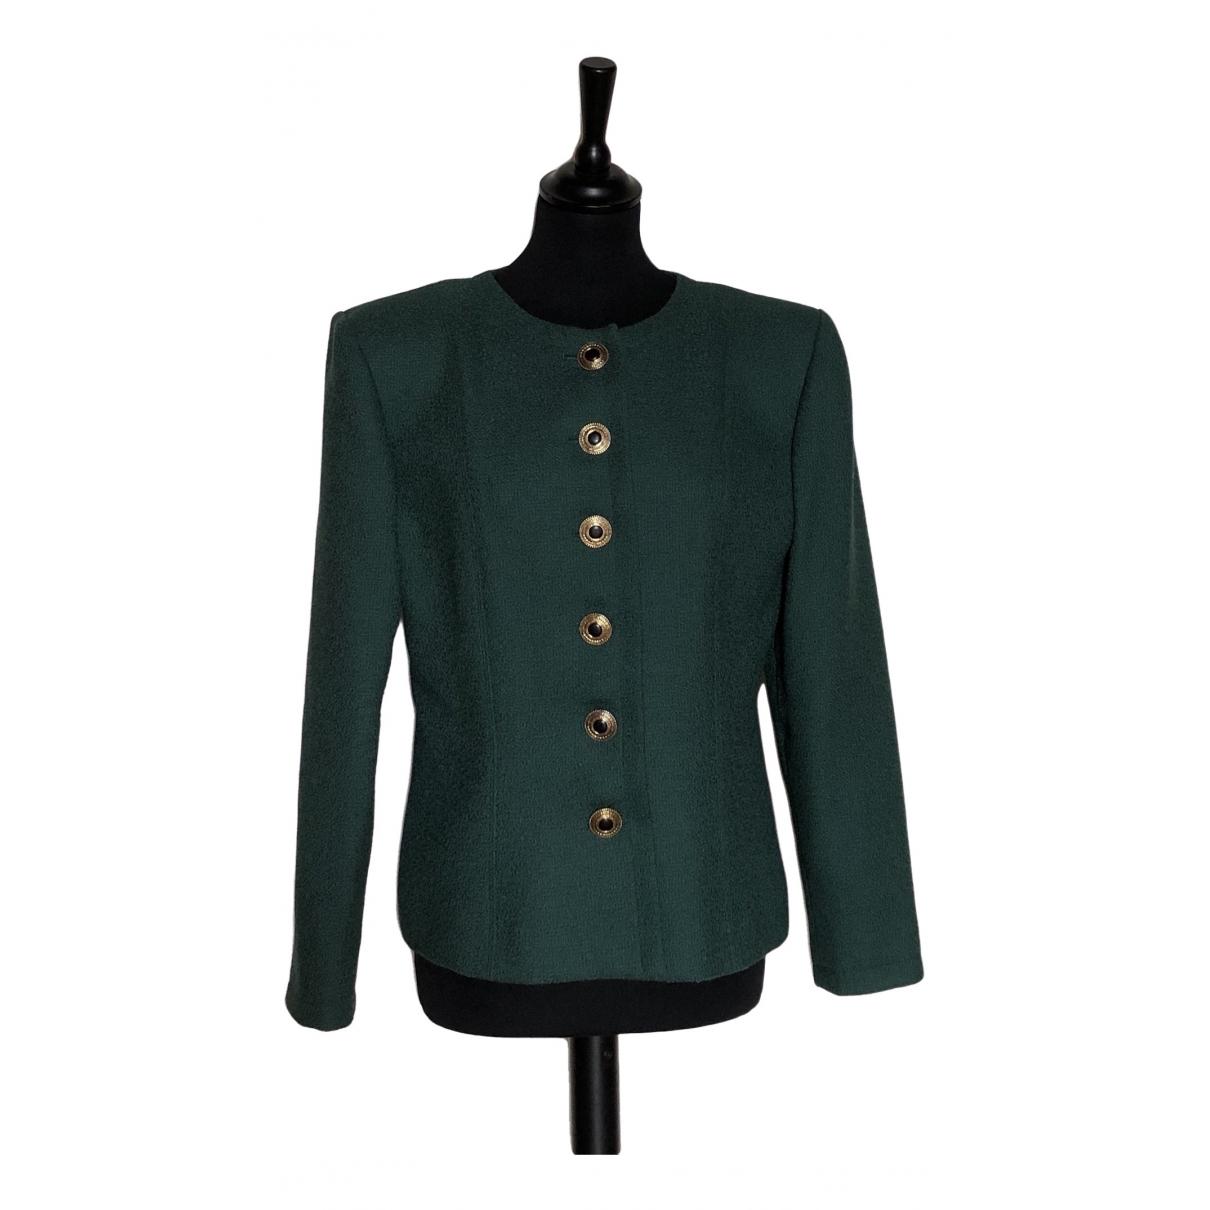 Yves Saint Laurent - Veste   pour femme en laine - vert